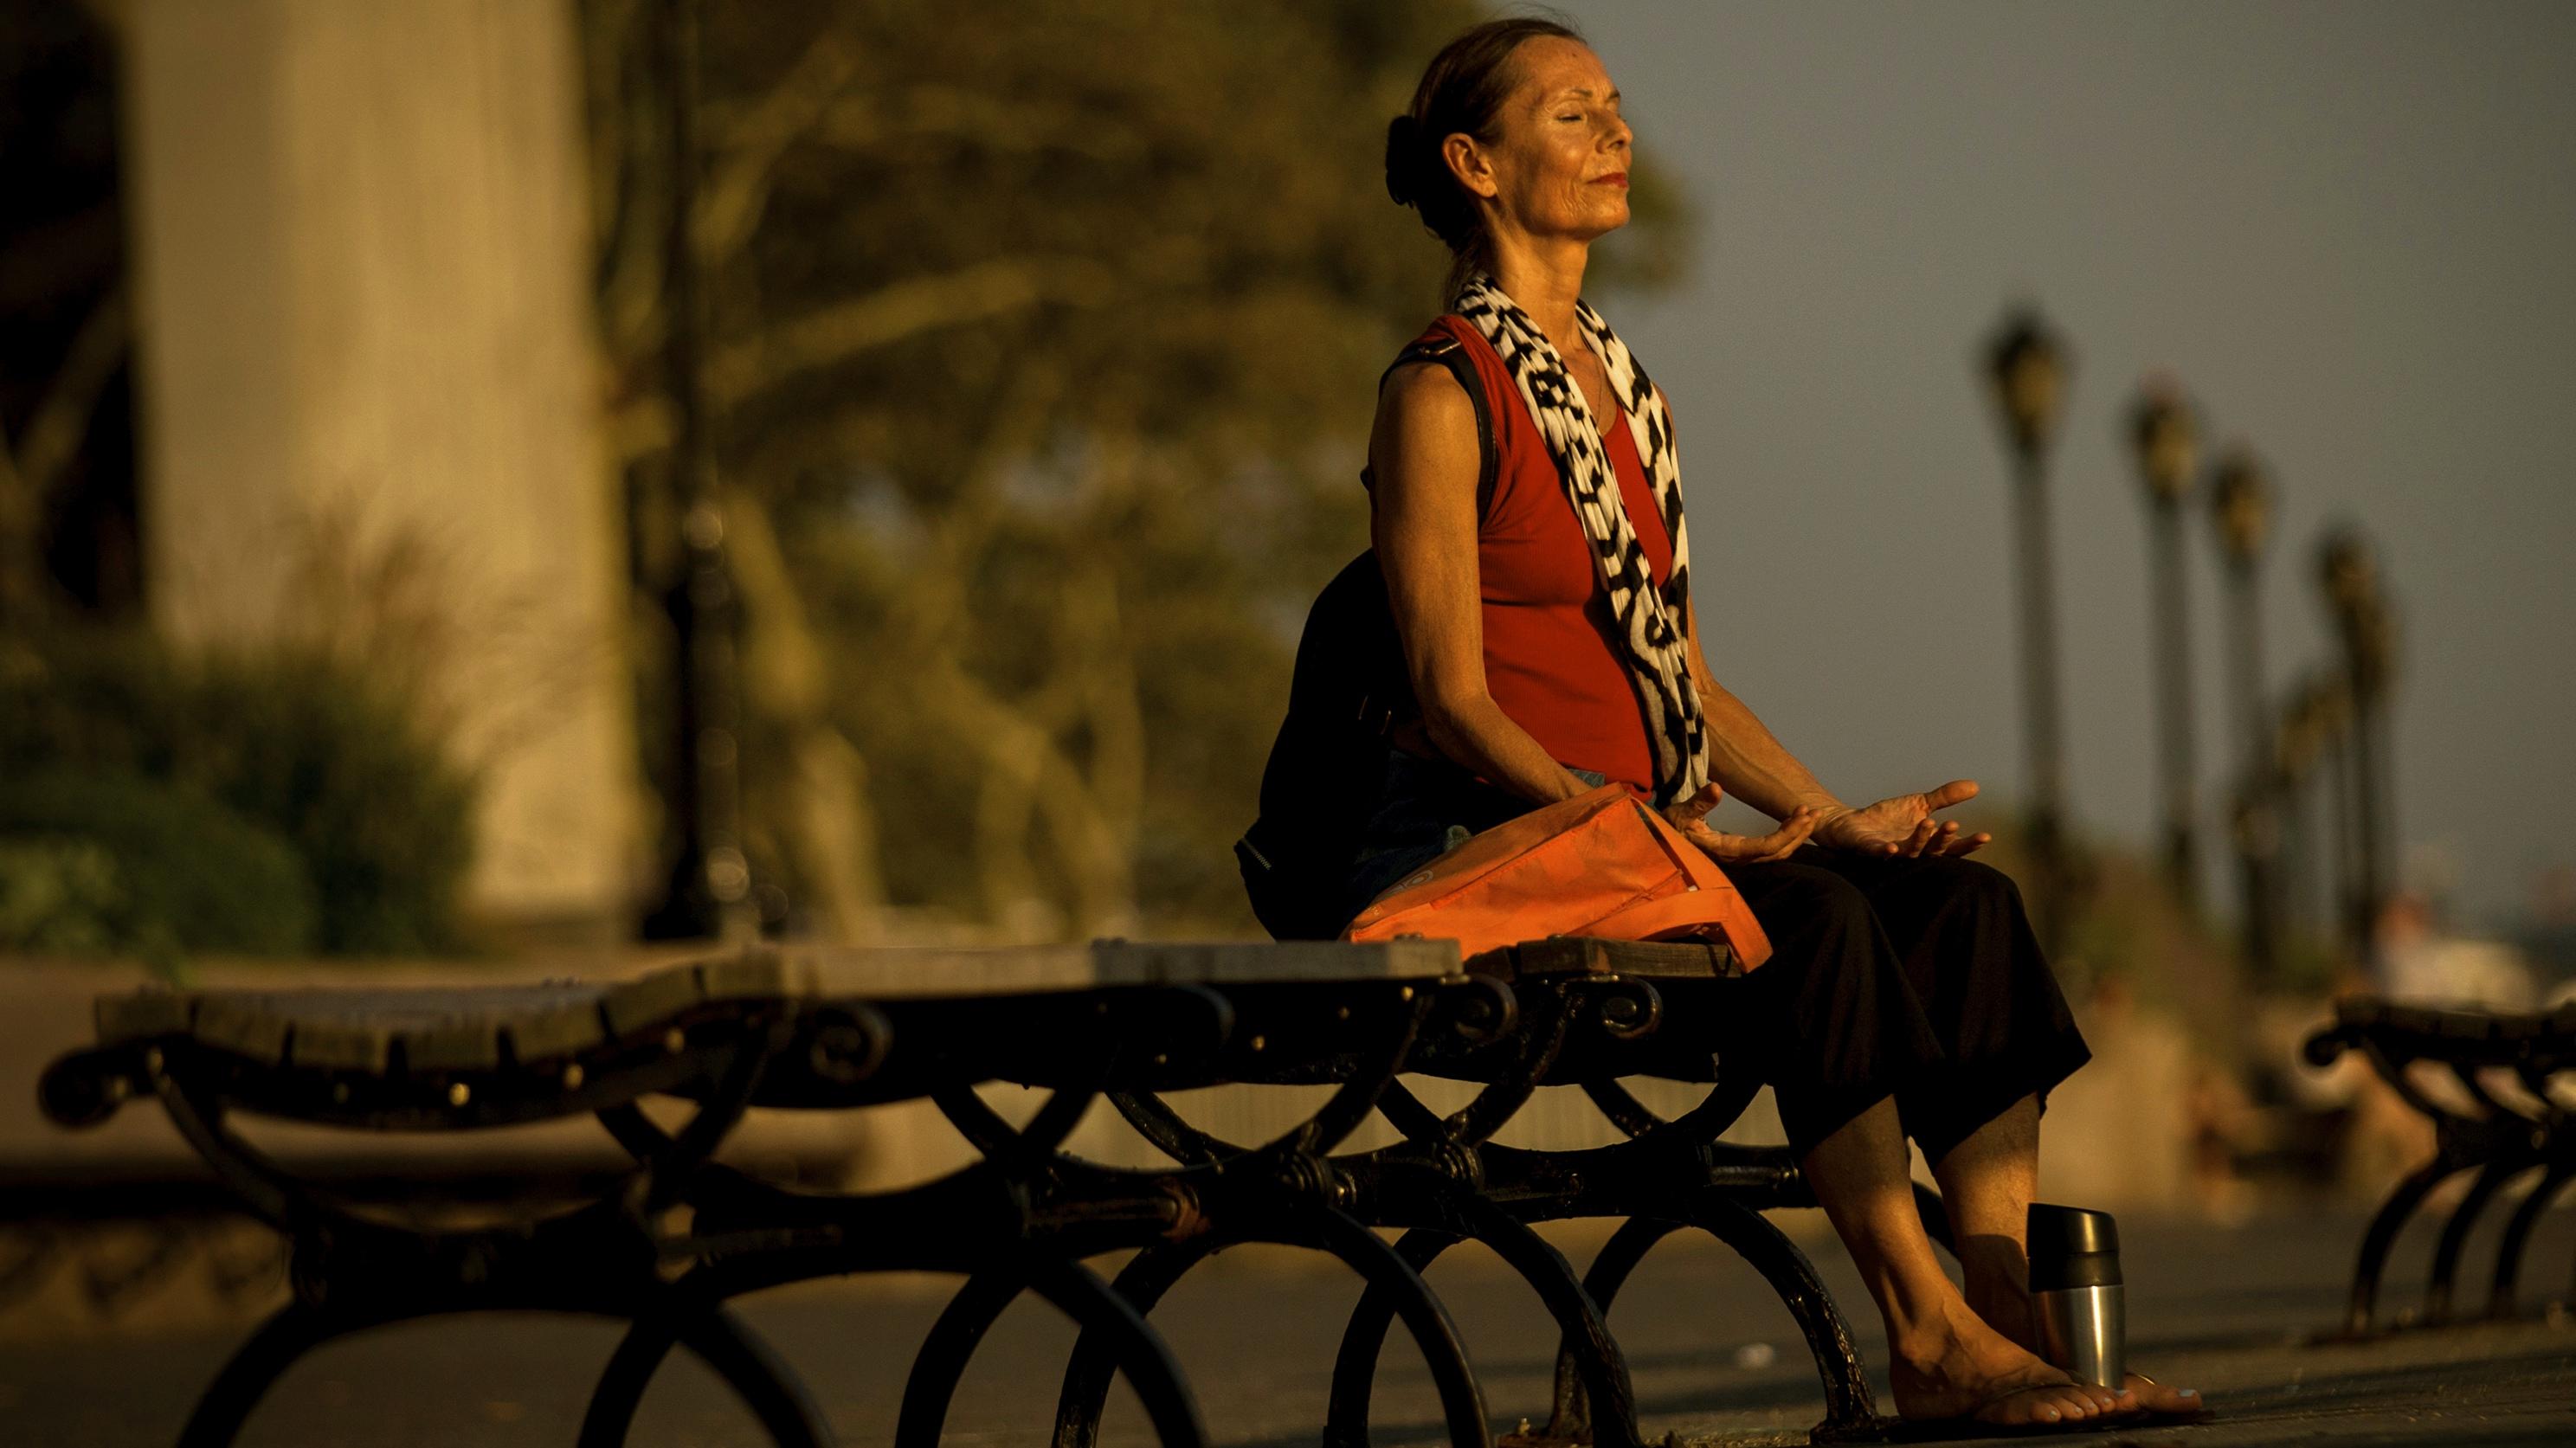 NY meditator